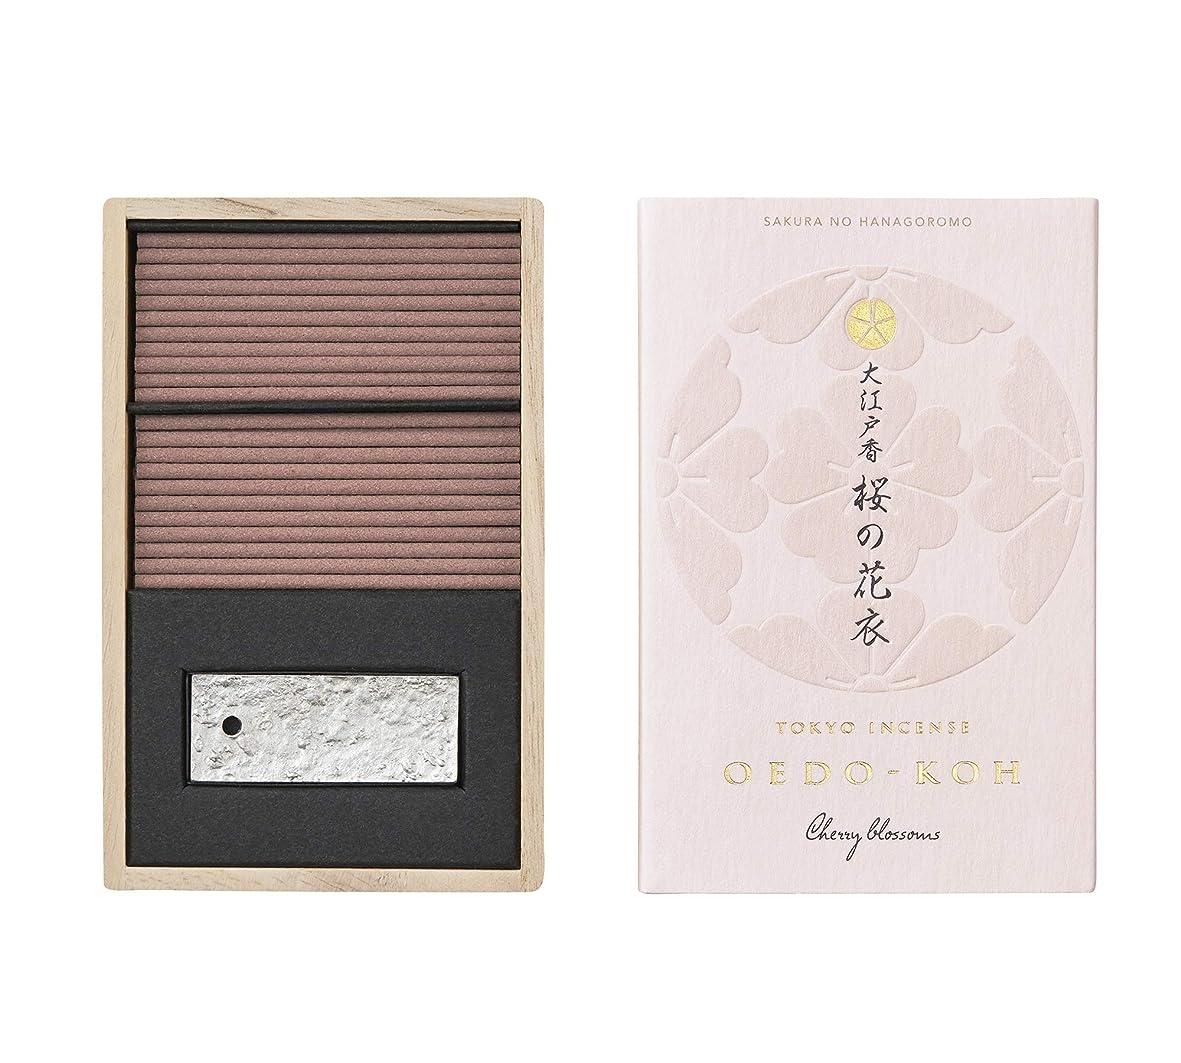 横たわるマラソン振動する日本香堂 大江戸香 桜の花衣(さくらのはなごろも) スティック60本入 香立付